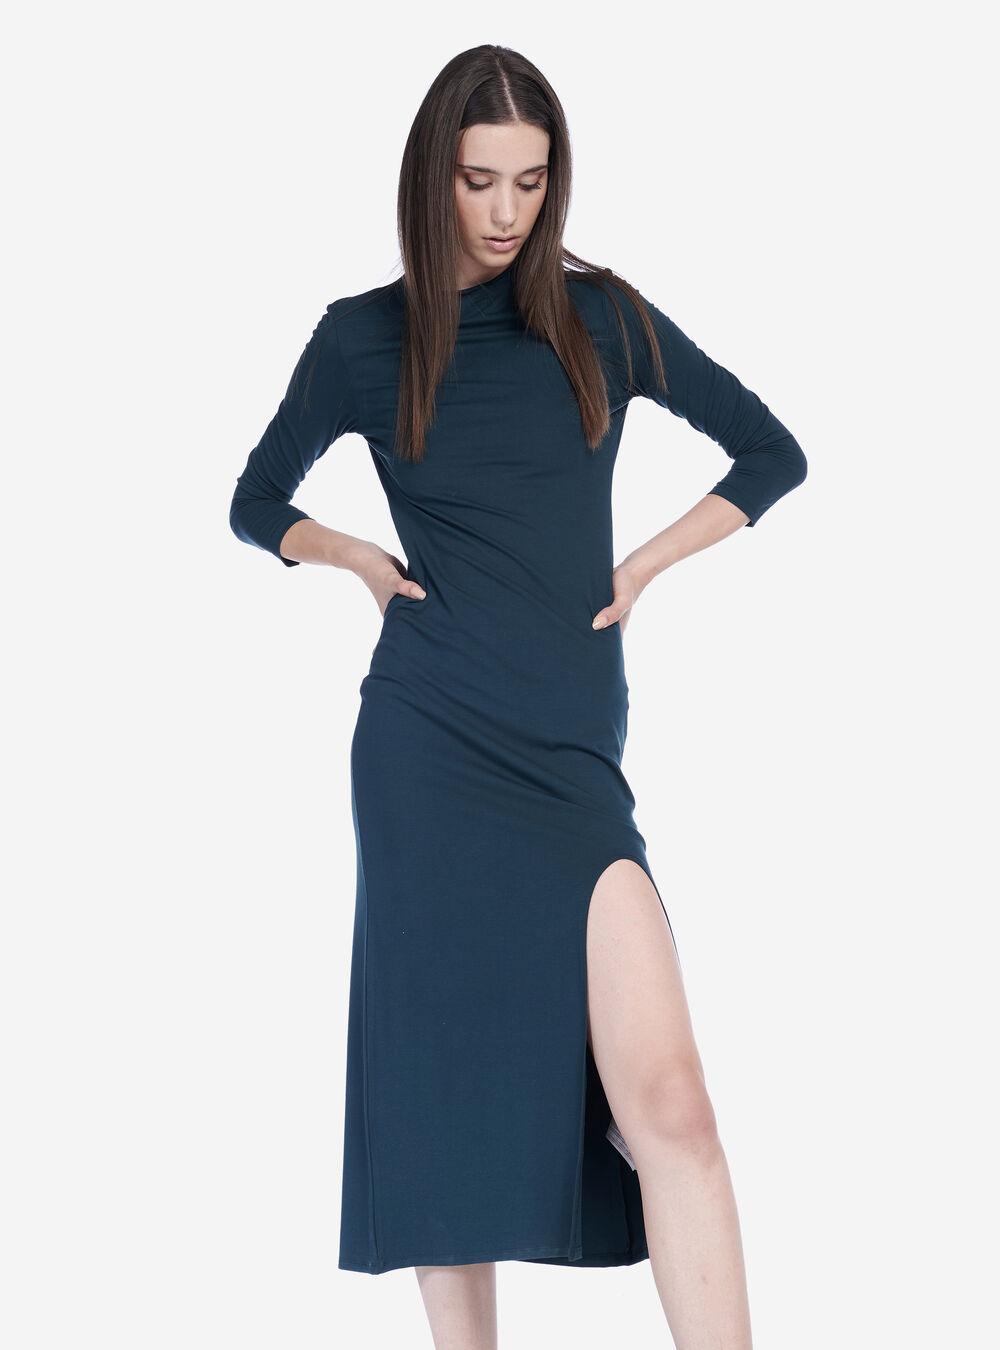 new products dcbc1 f1ef5 Vestiti da Donna | Acquista online su Alcott